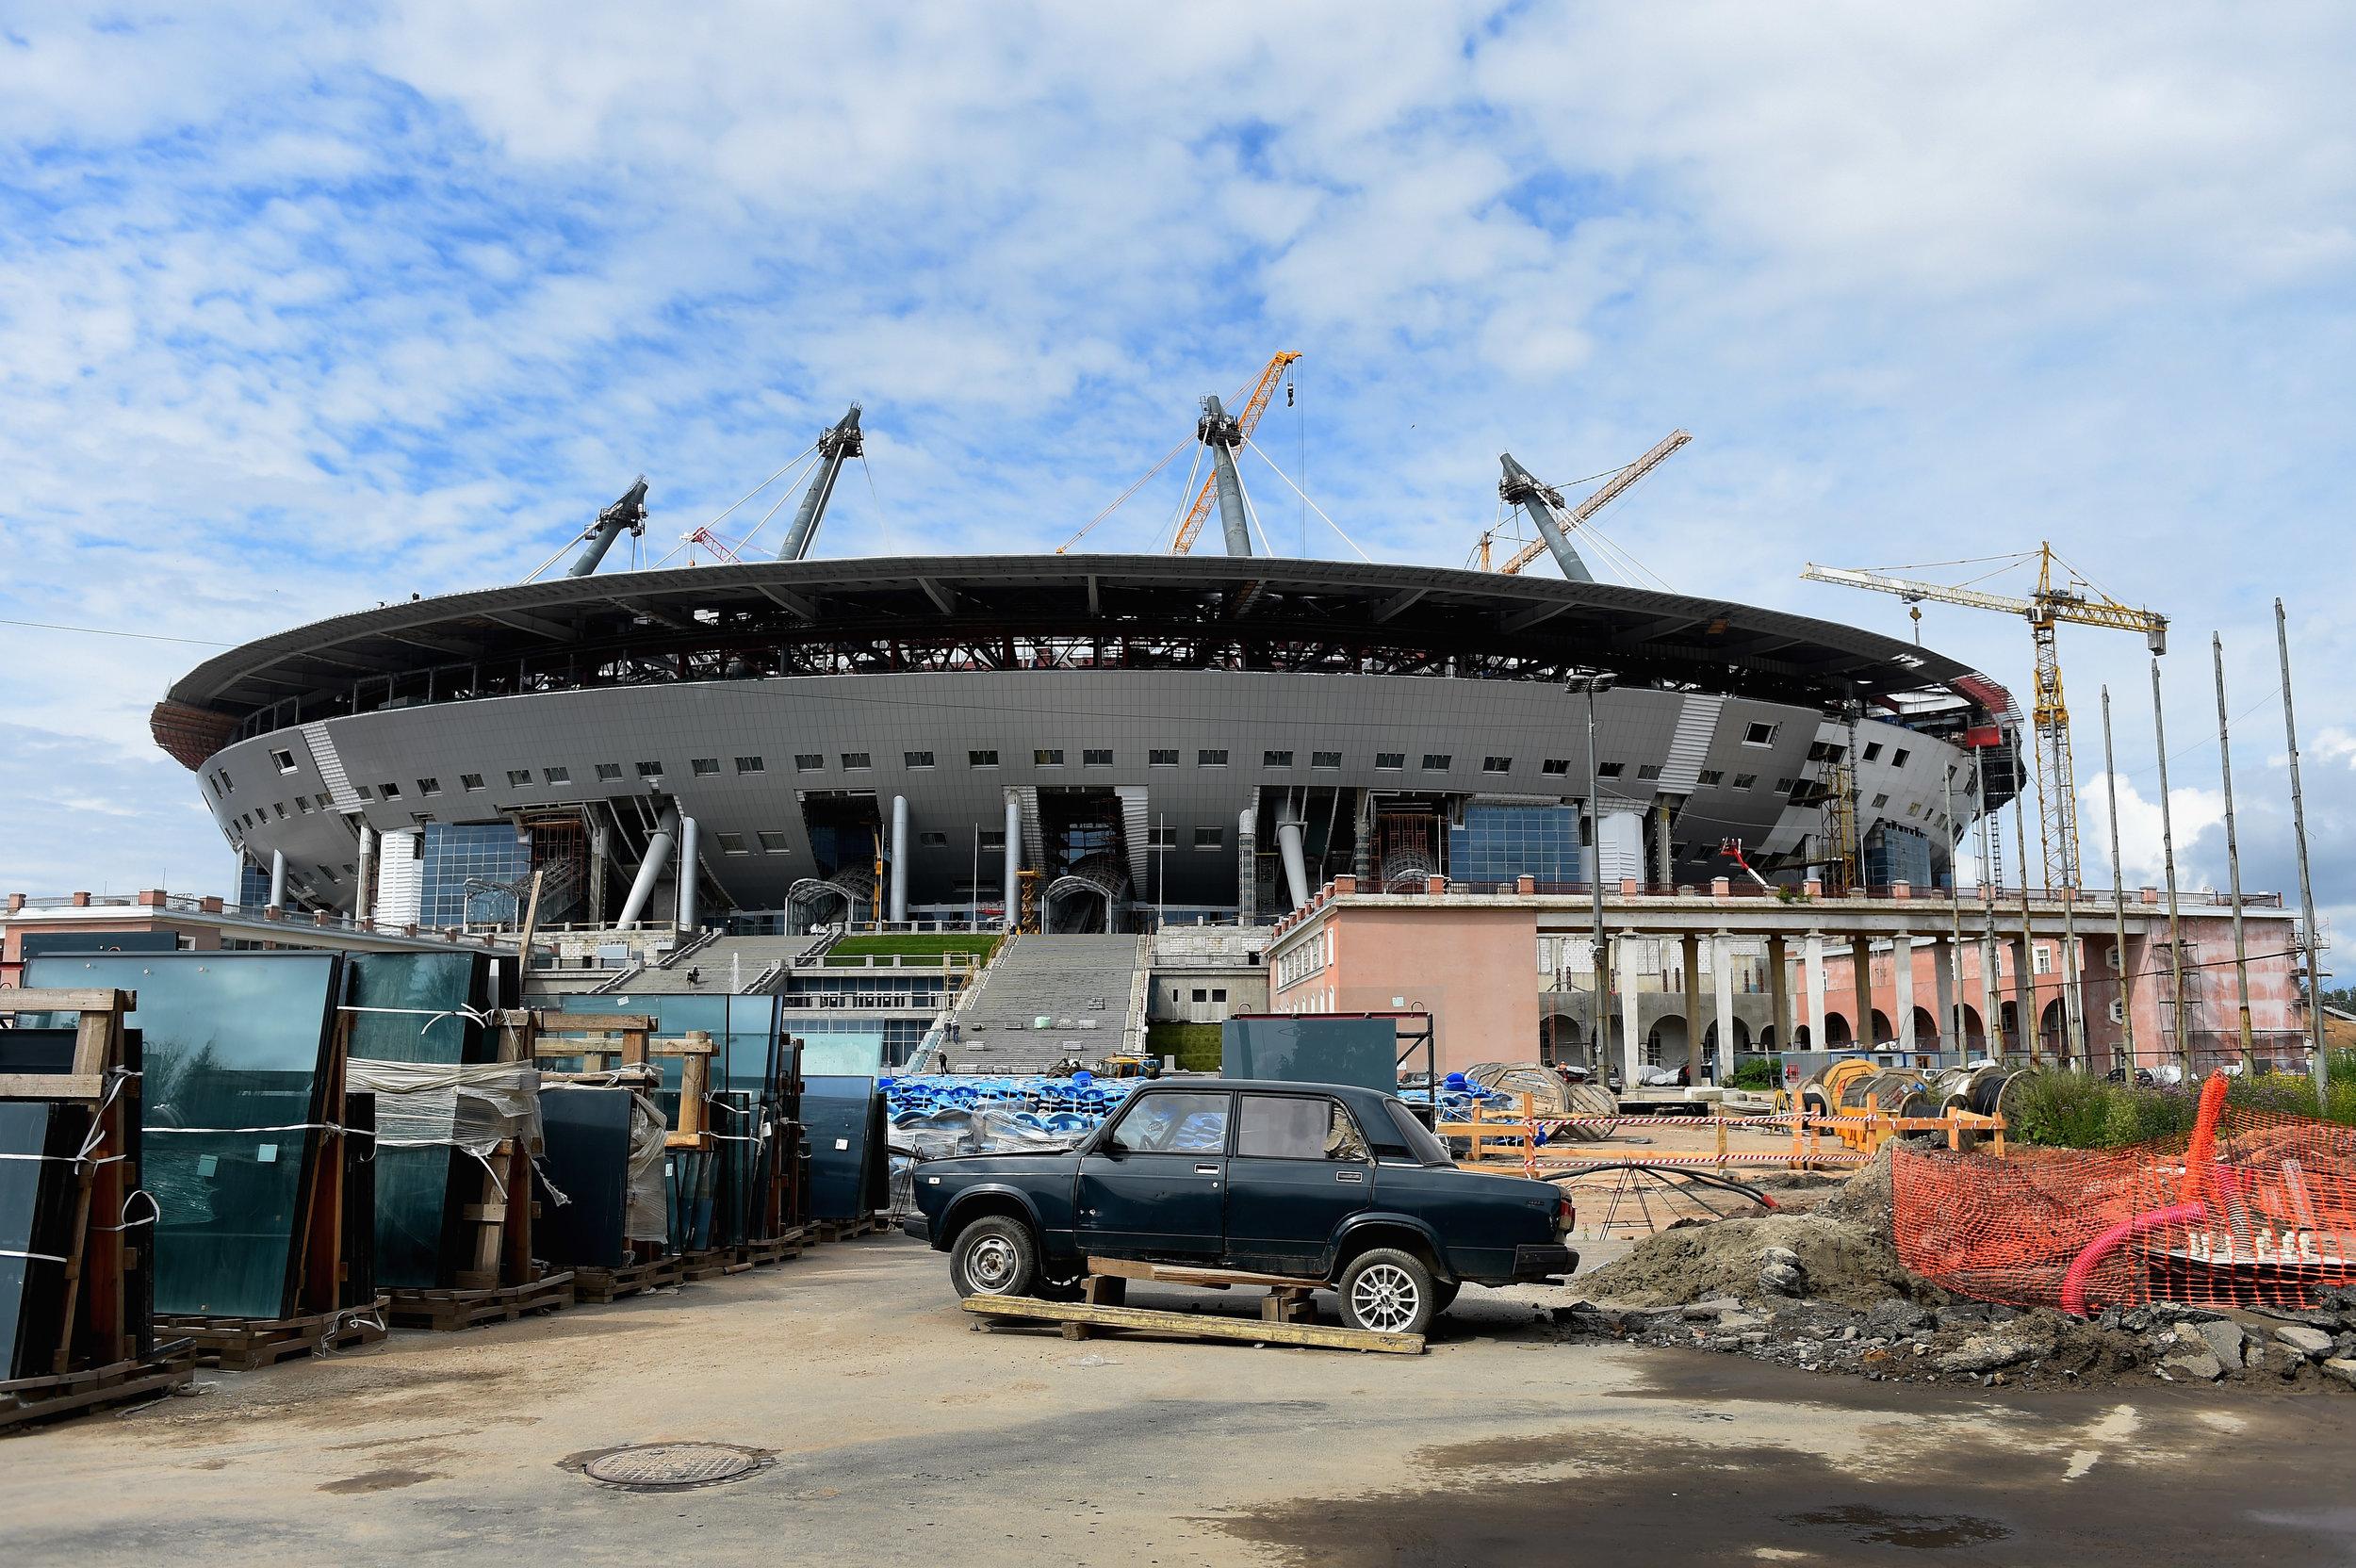 Stadion opføres i Stk. Petersborg. Foto: Getty Images